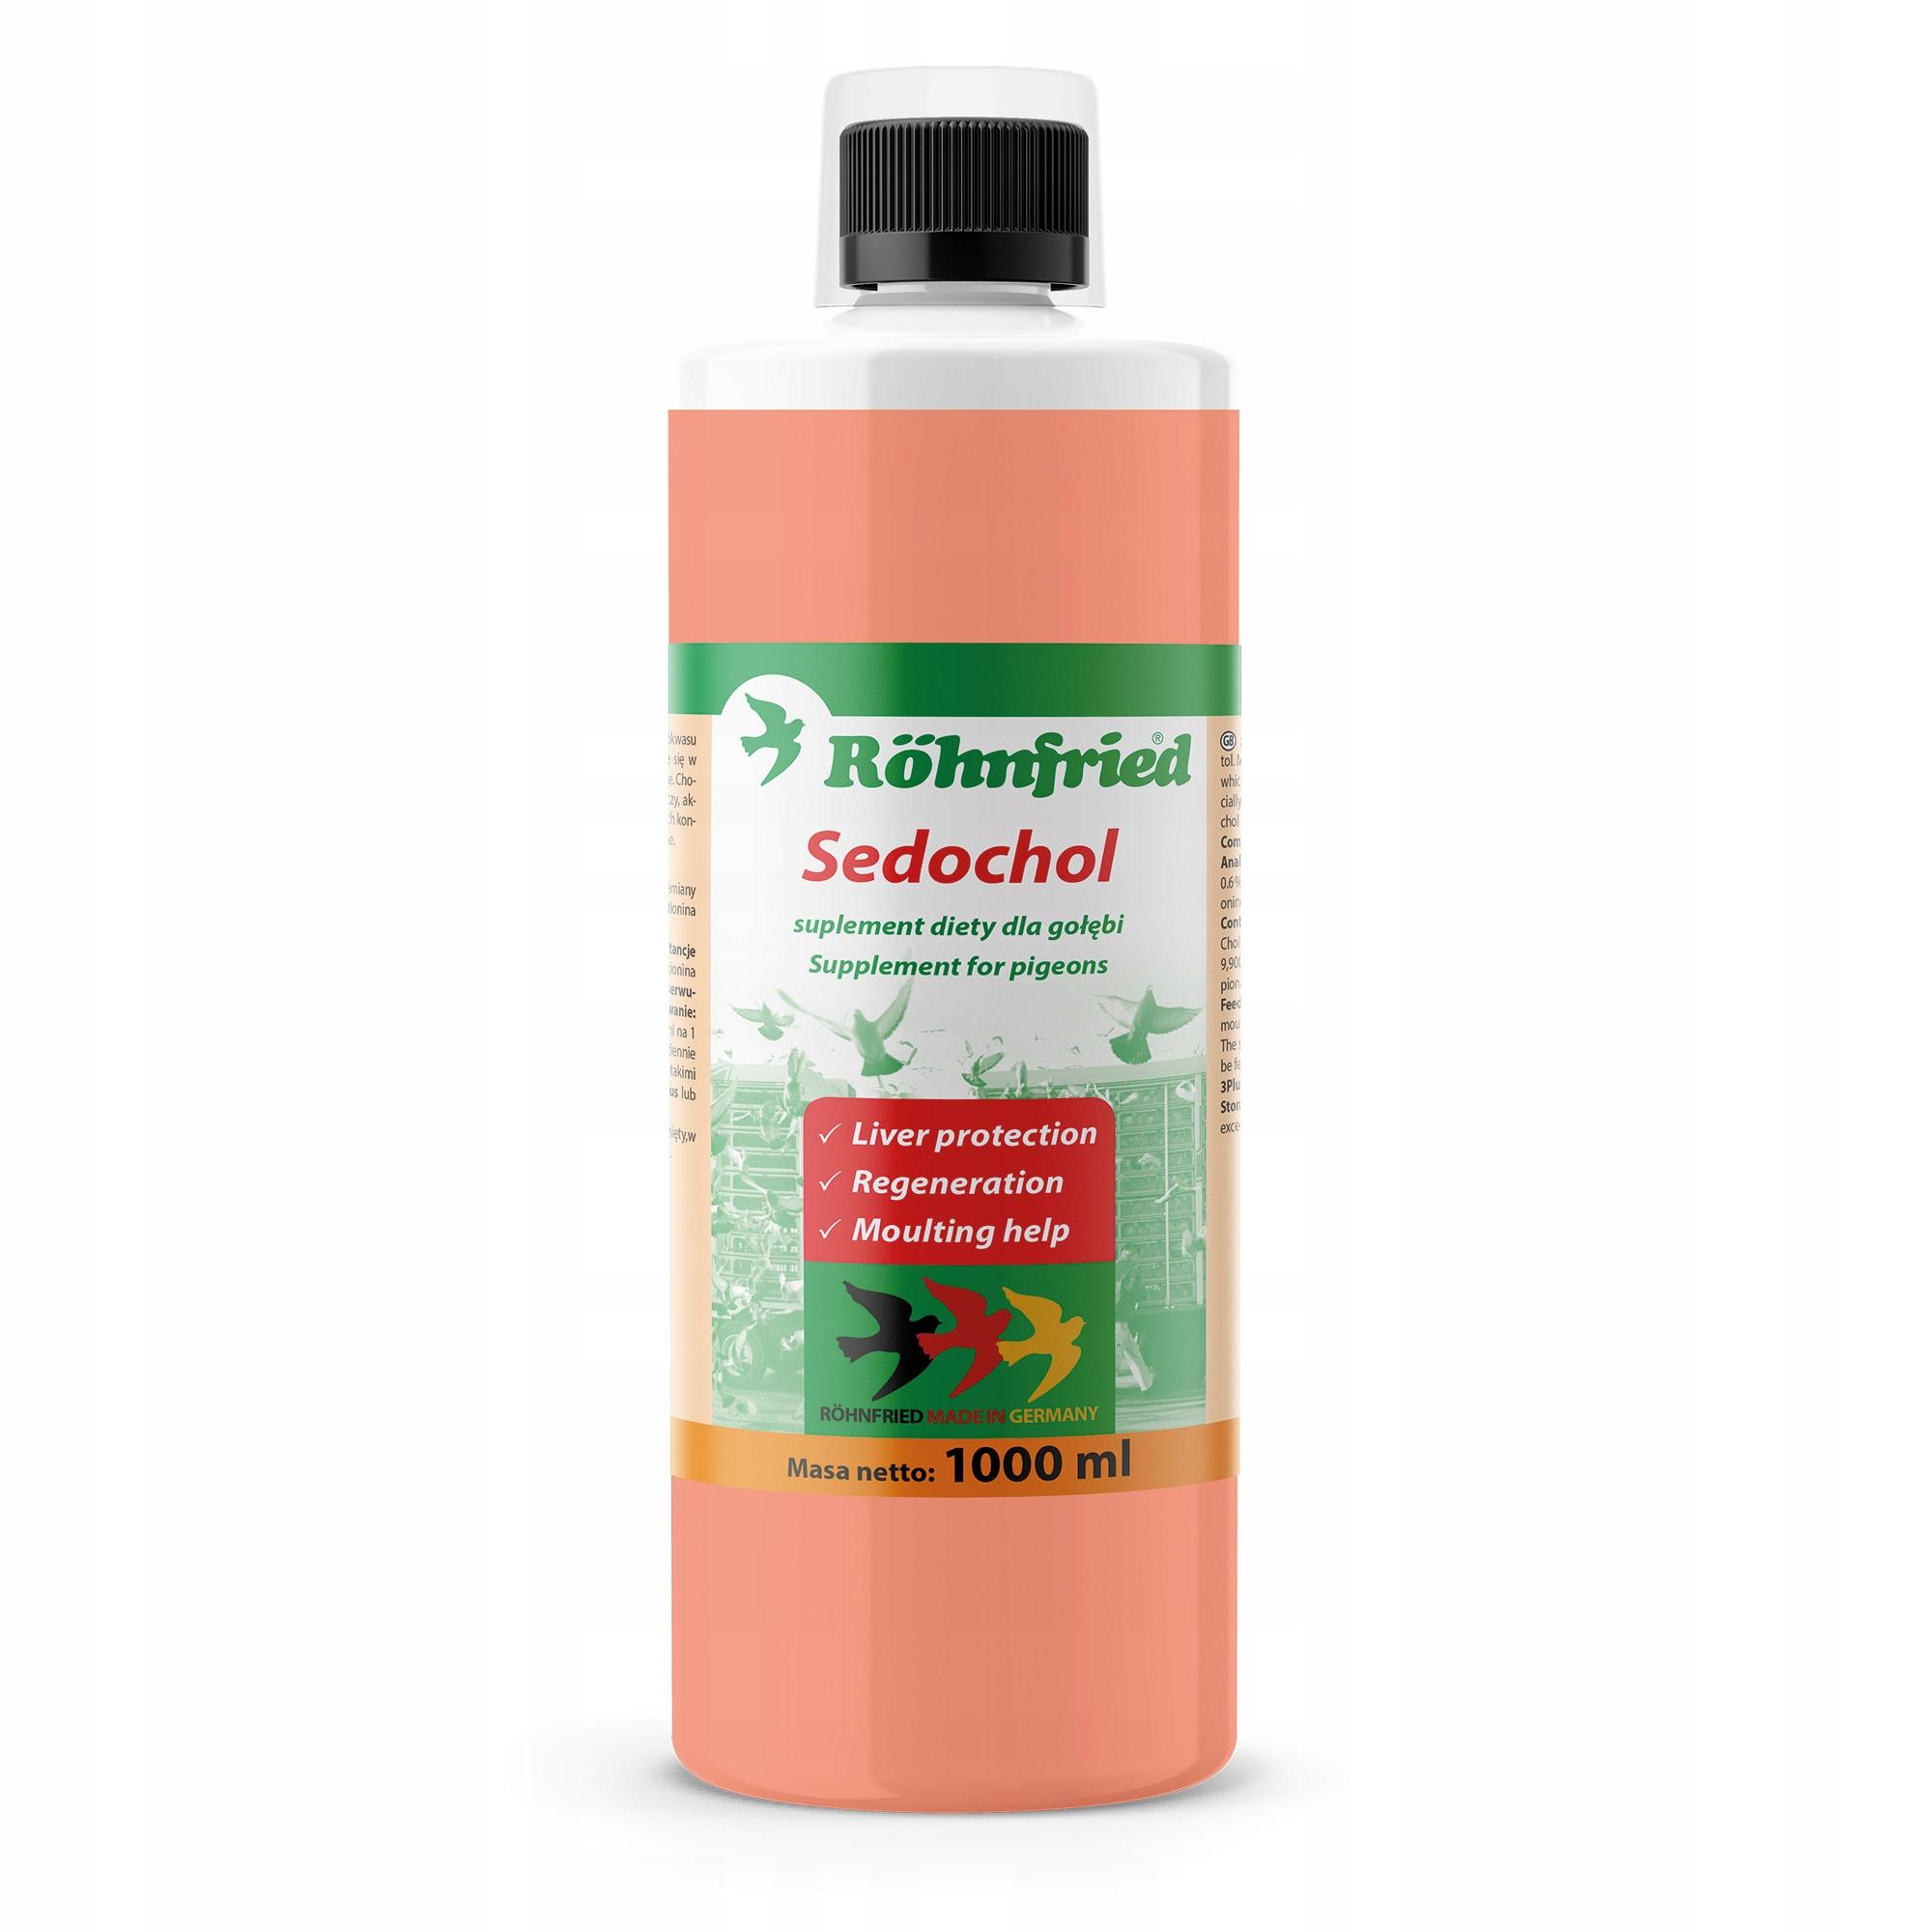 ROHNFRIED Sedochol 1l - ochrona wątroba pierzenie